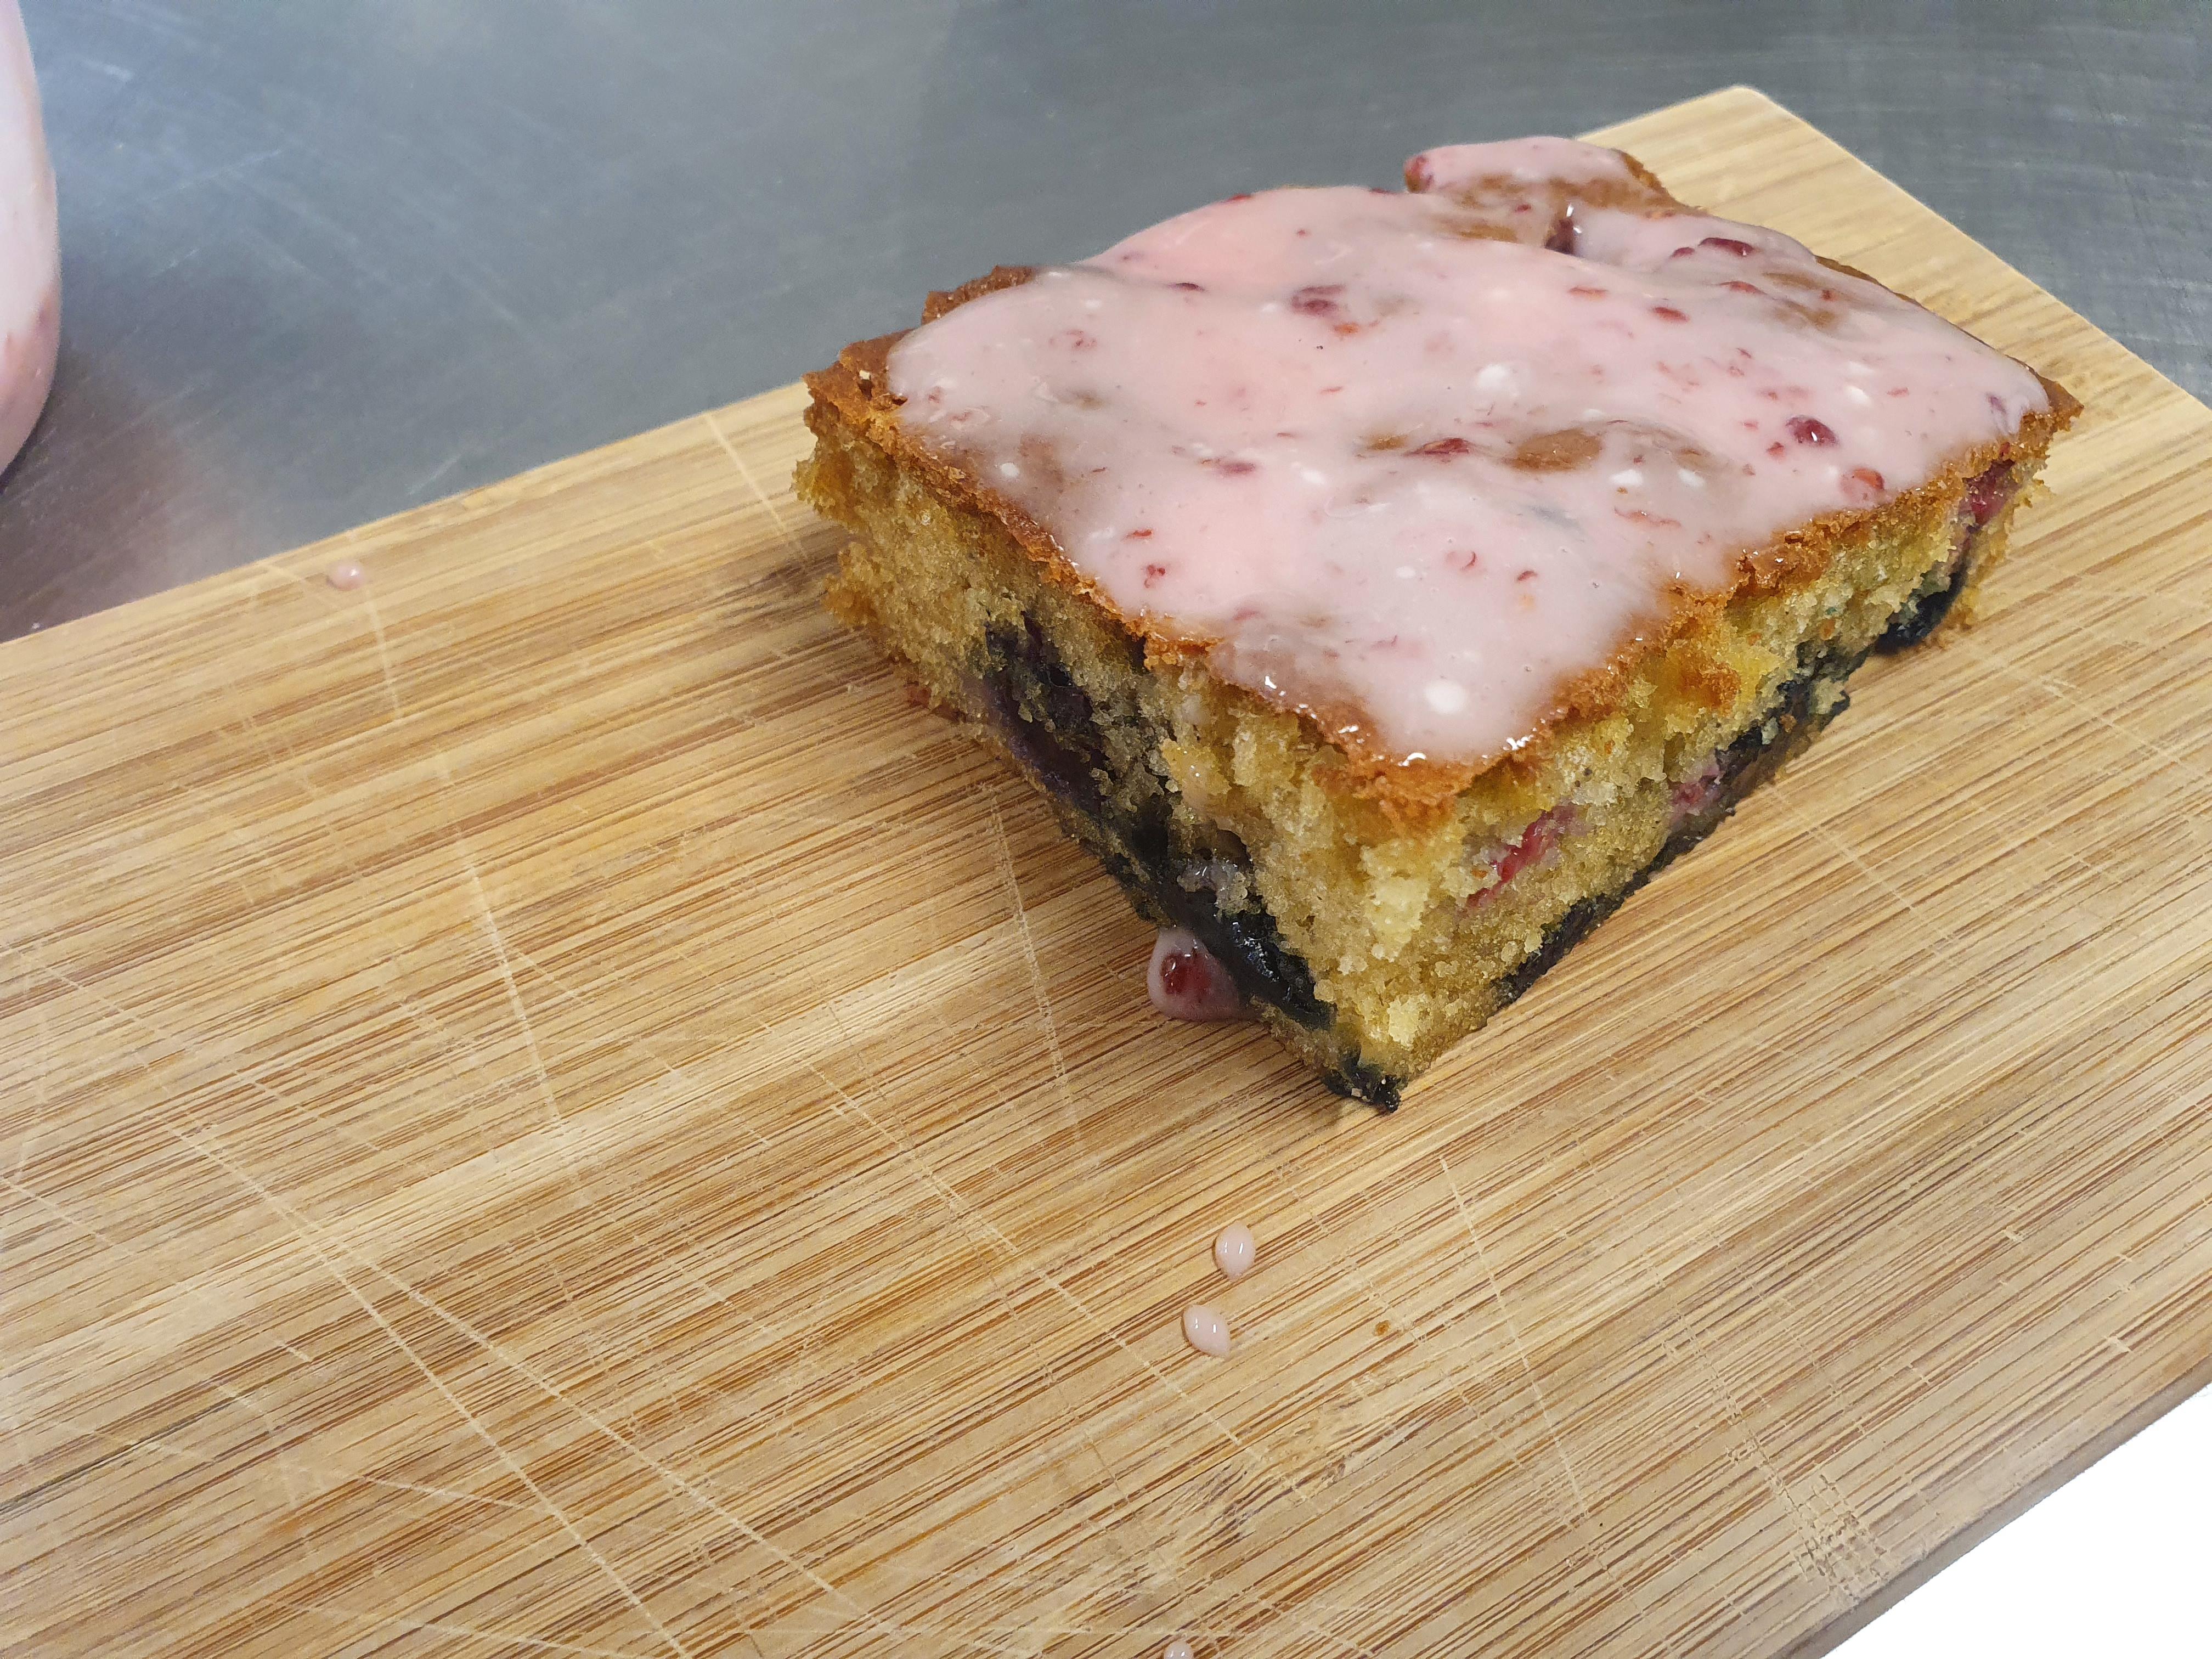 Mixed Berry Yoghurt cake - slice